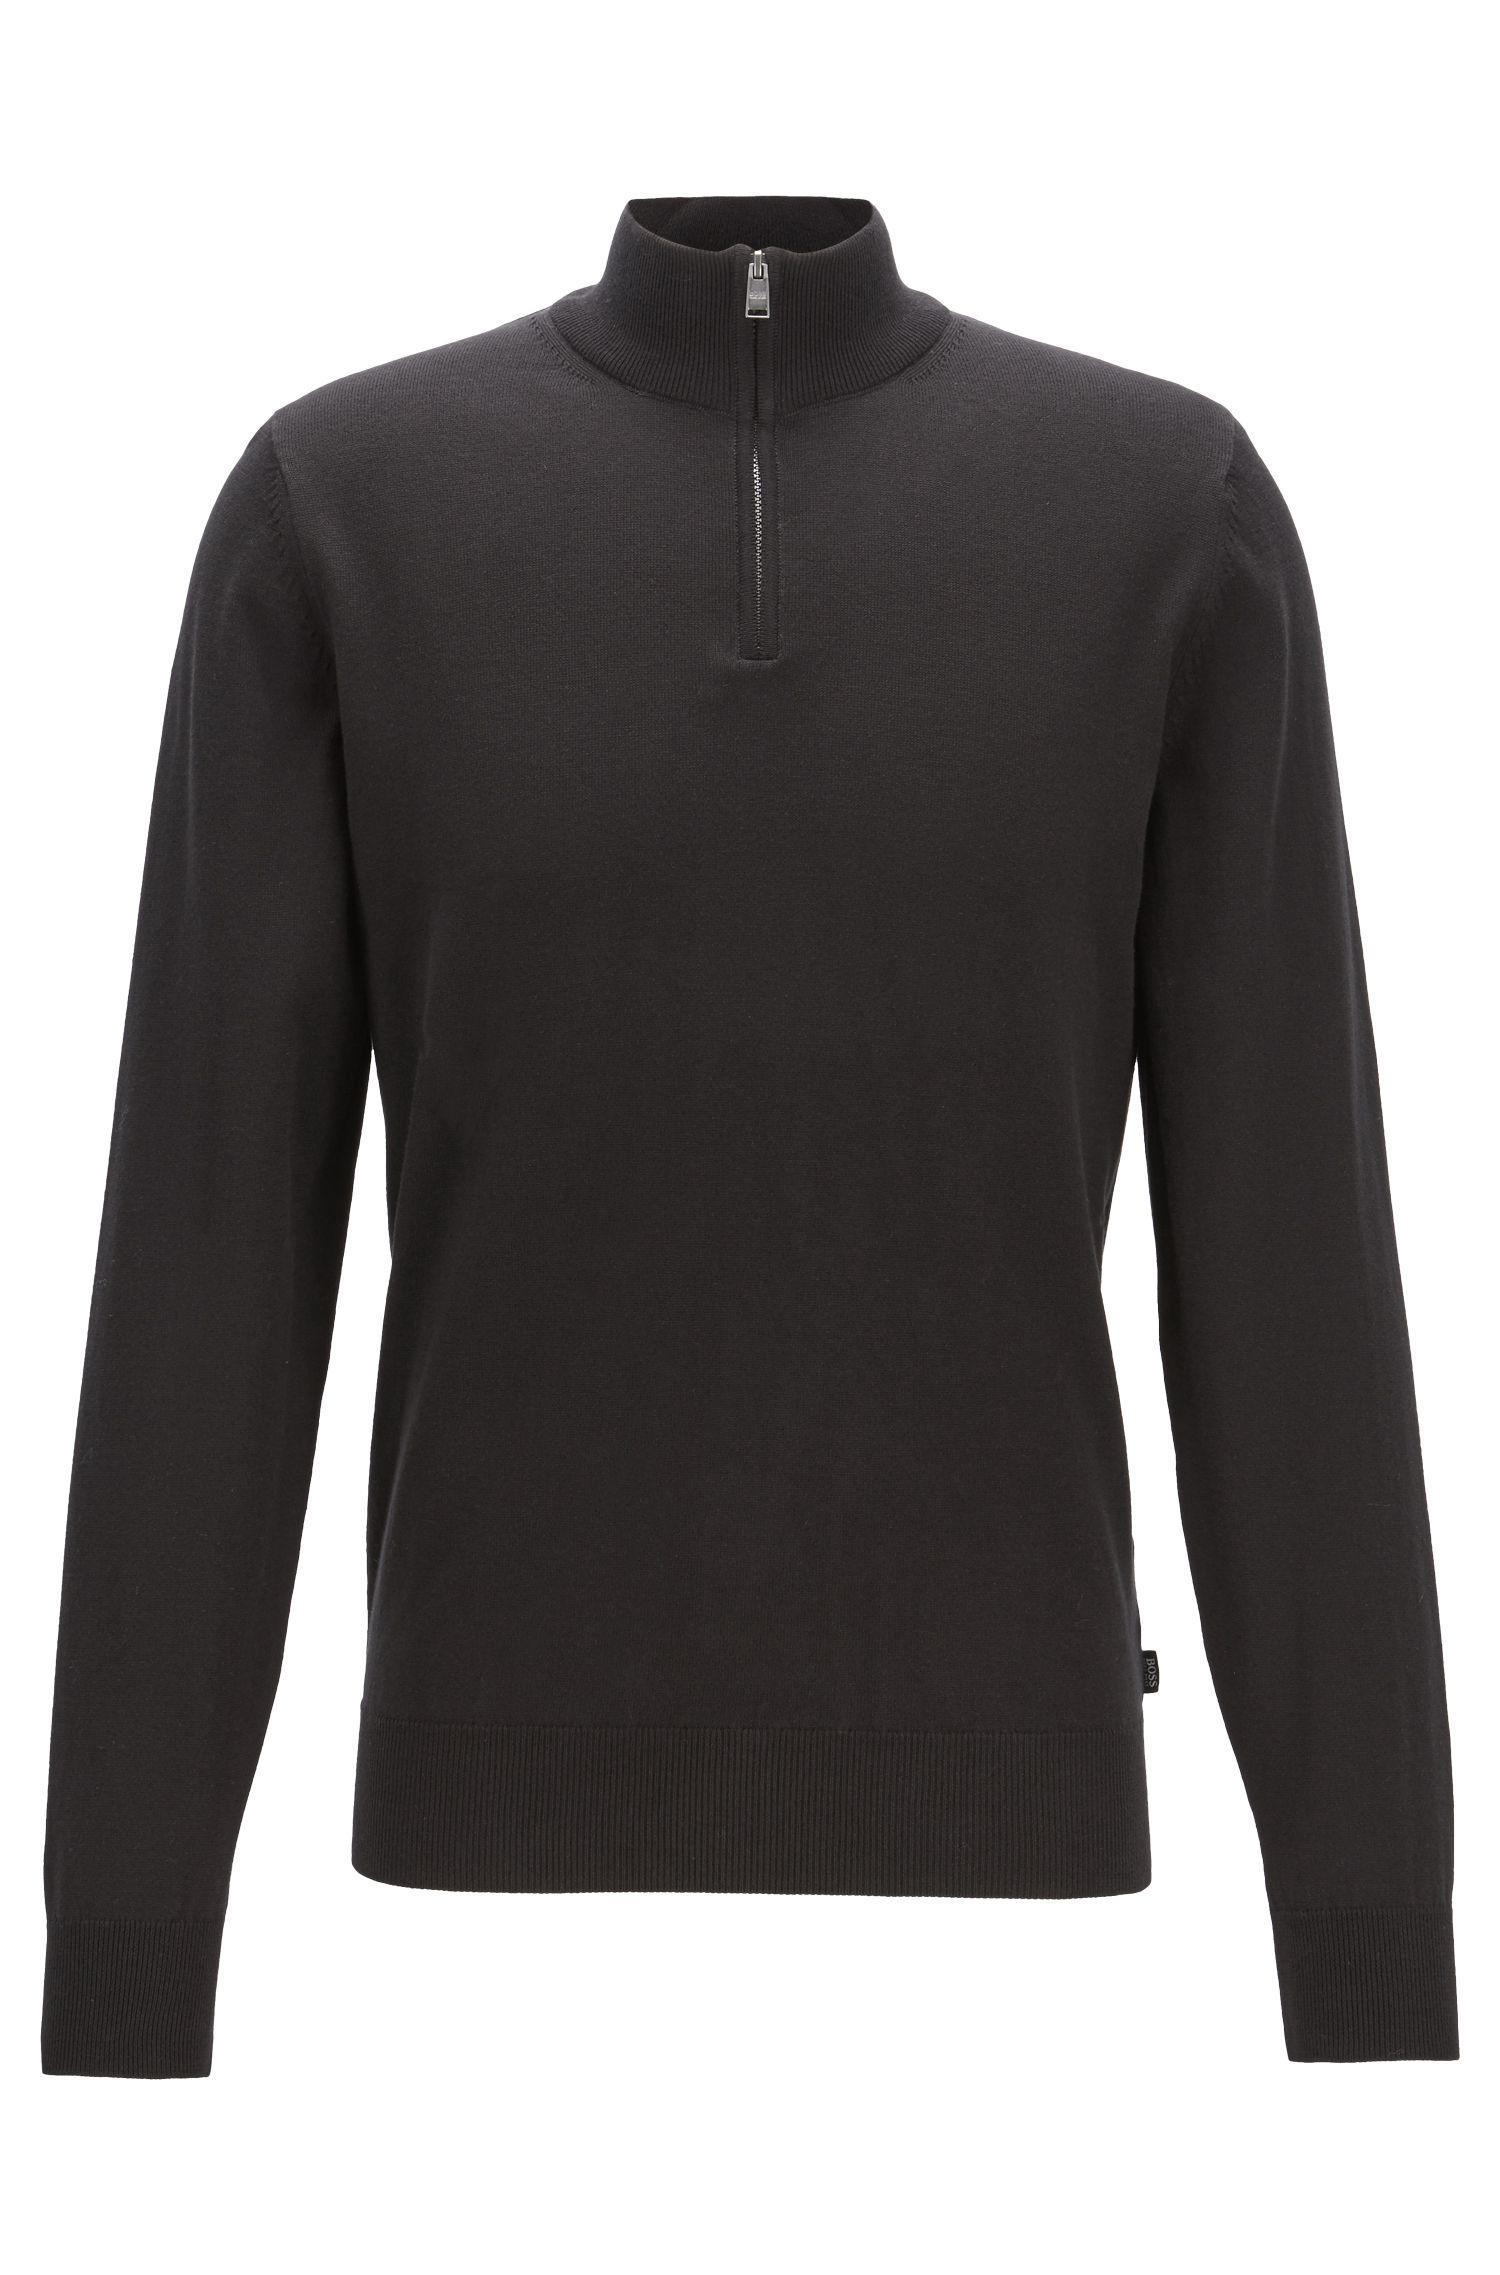 Pull à encolure zippée en jersey simple de coton, Noir